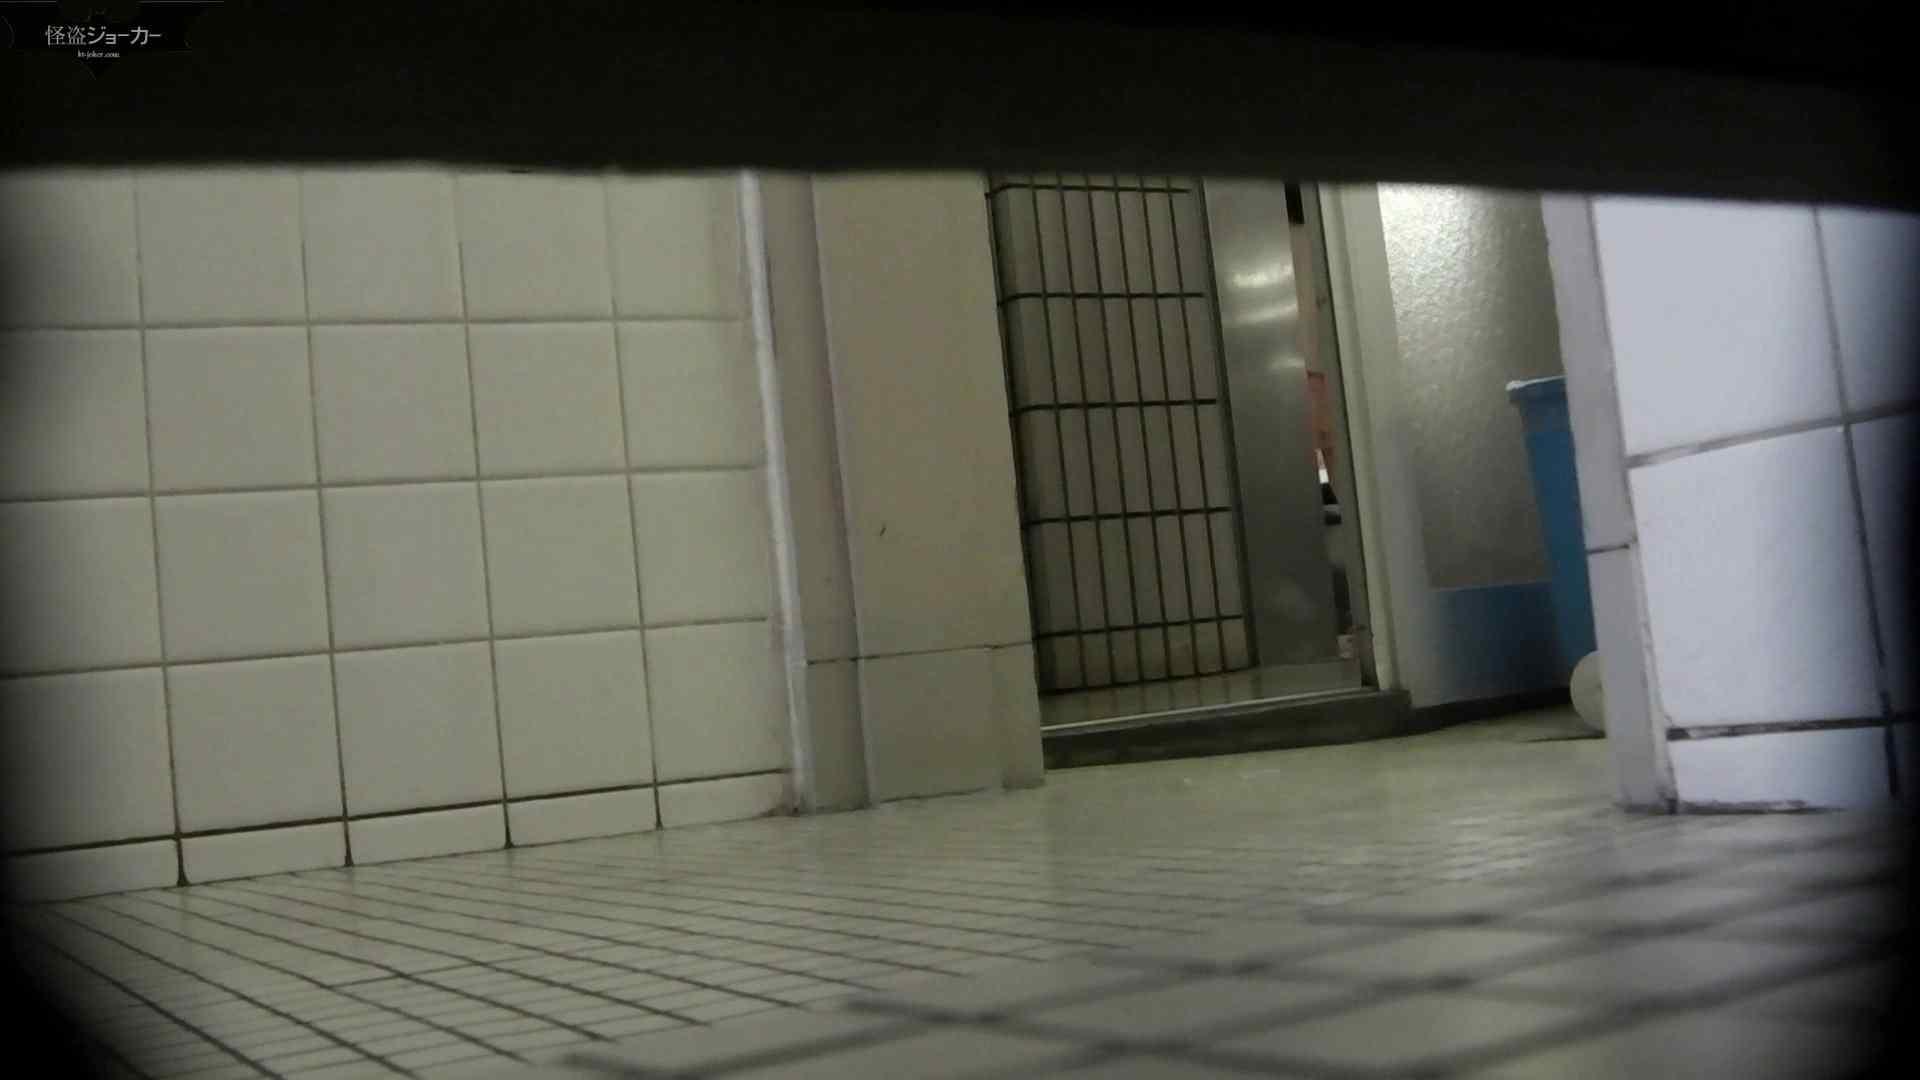 【美しき個室な世界】洗面所特攻隊 vol.051 洗面所着替え   OL  61連発 52